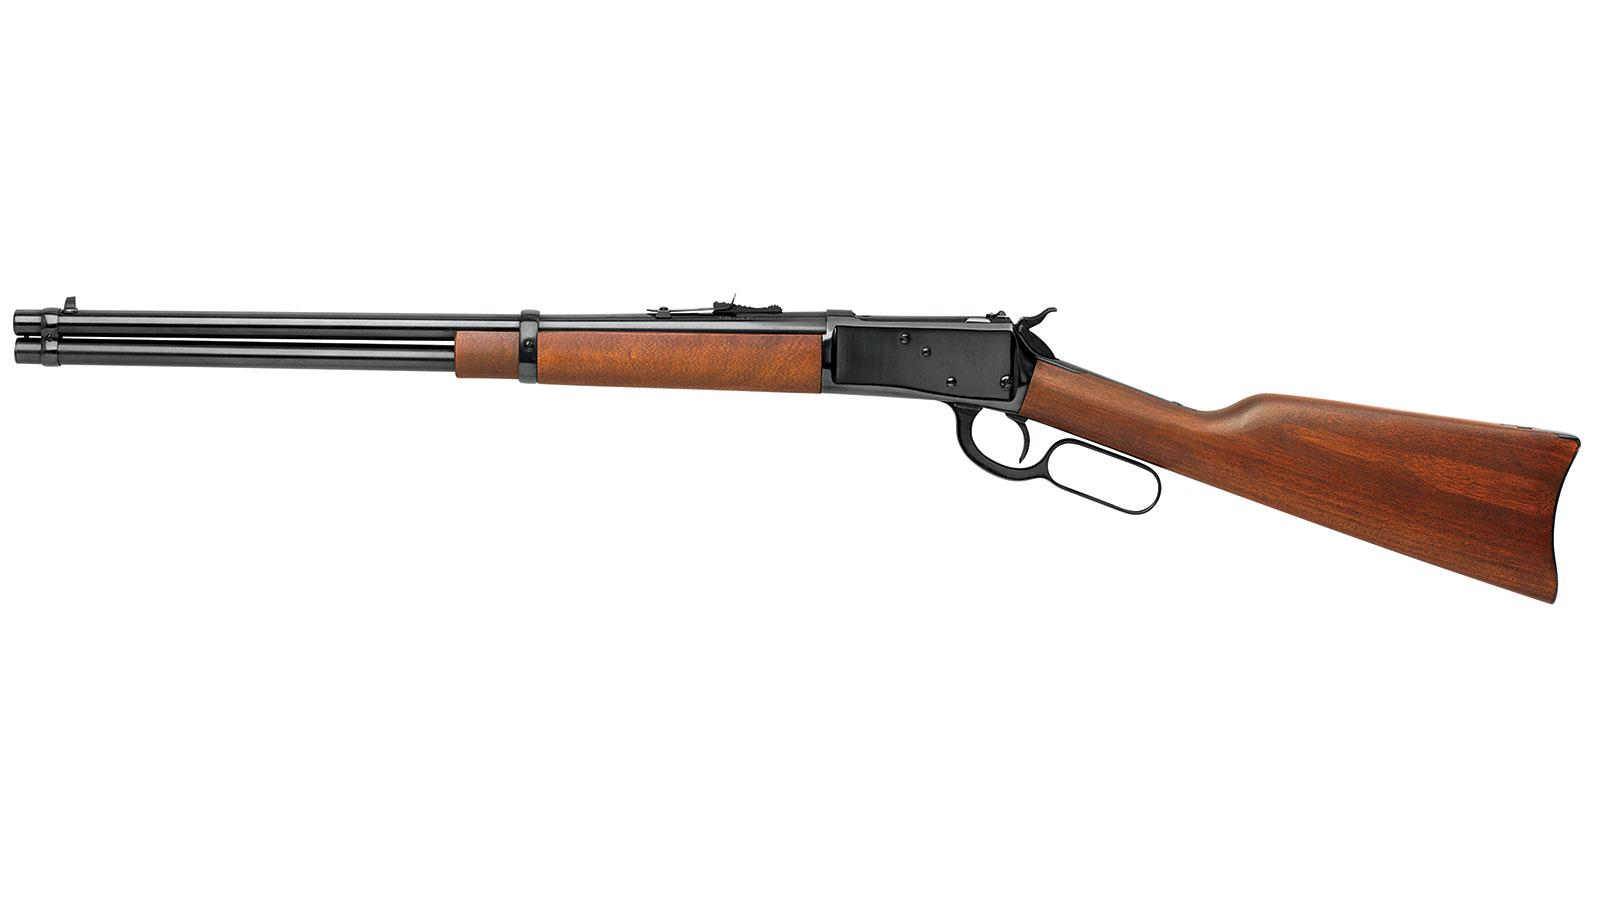 Rossi 920442013 R92 Lever Action Carbine Lever 44 Remington Magnum 20 10+1 Brazillian Hardwood Stk Polished Black in.